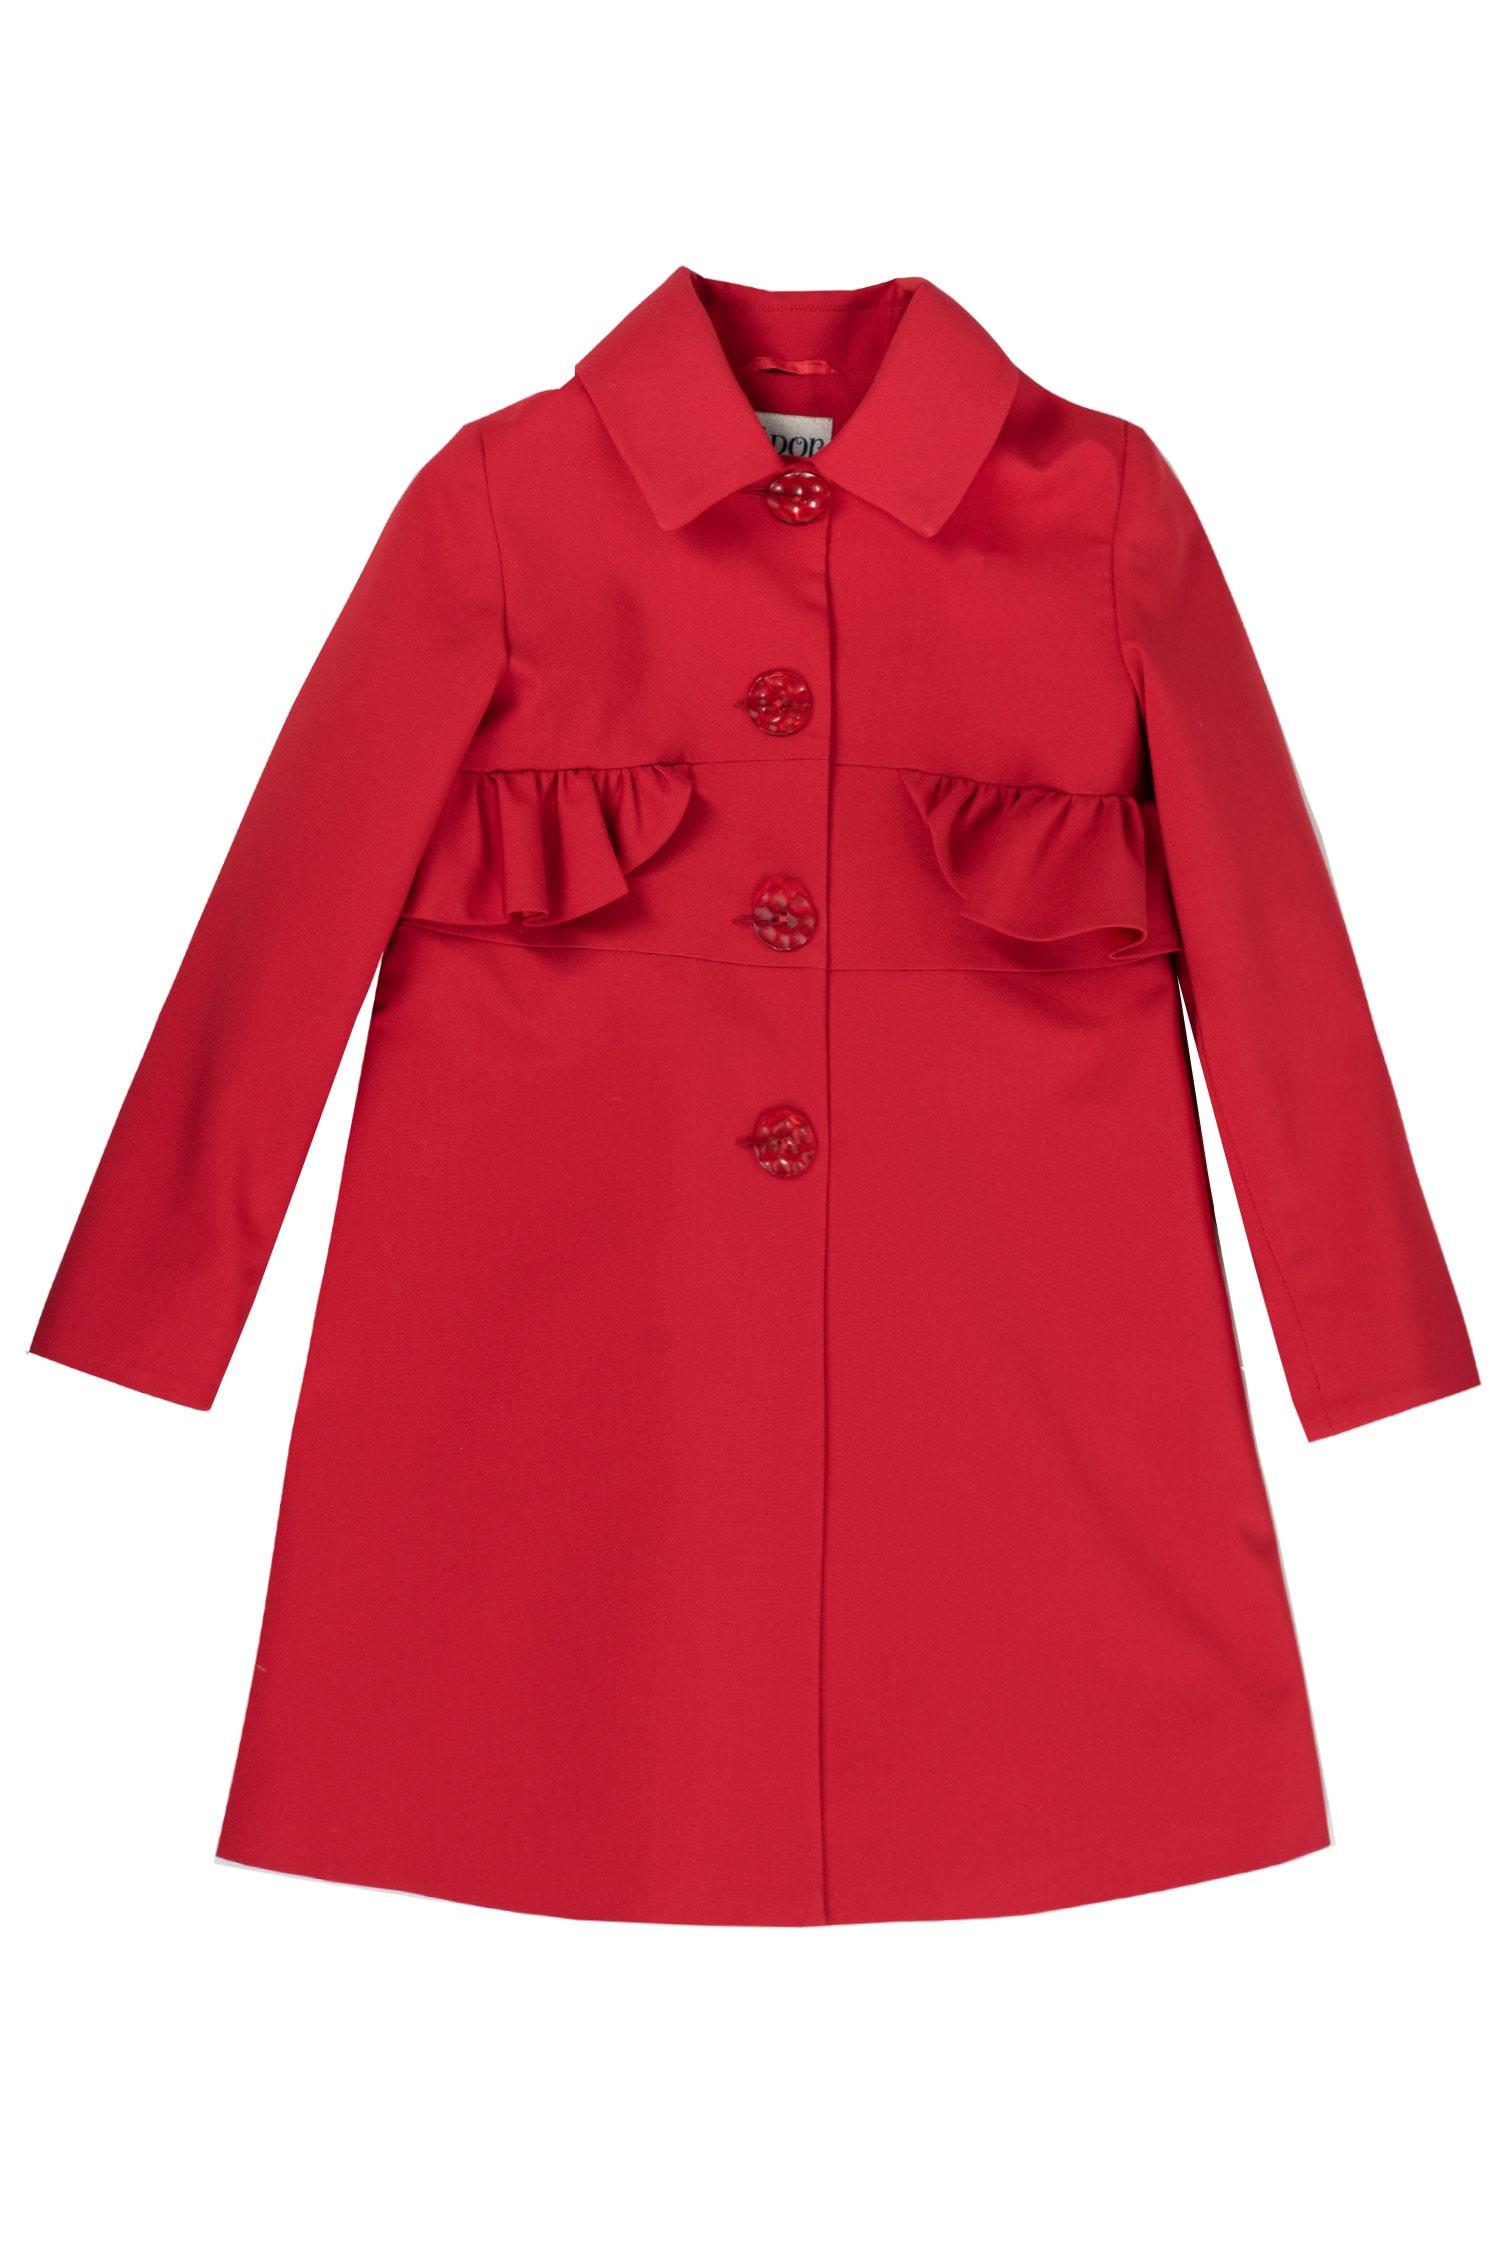 Pardesiu roșu pentru fete Carmine